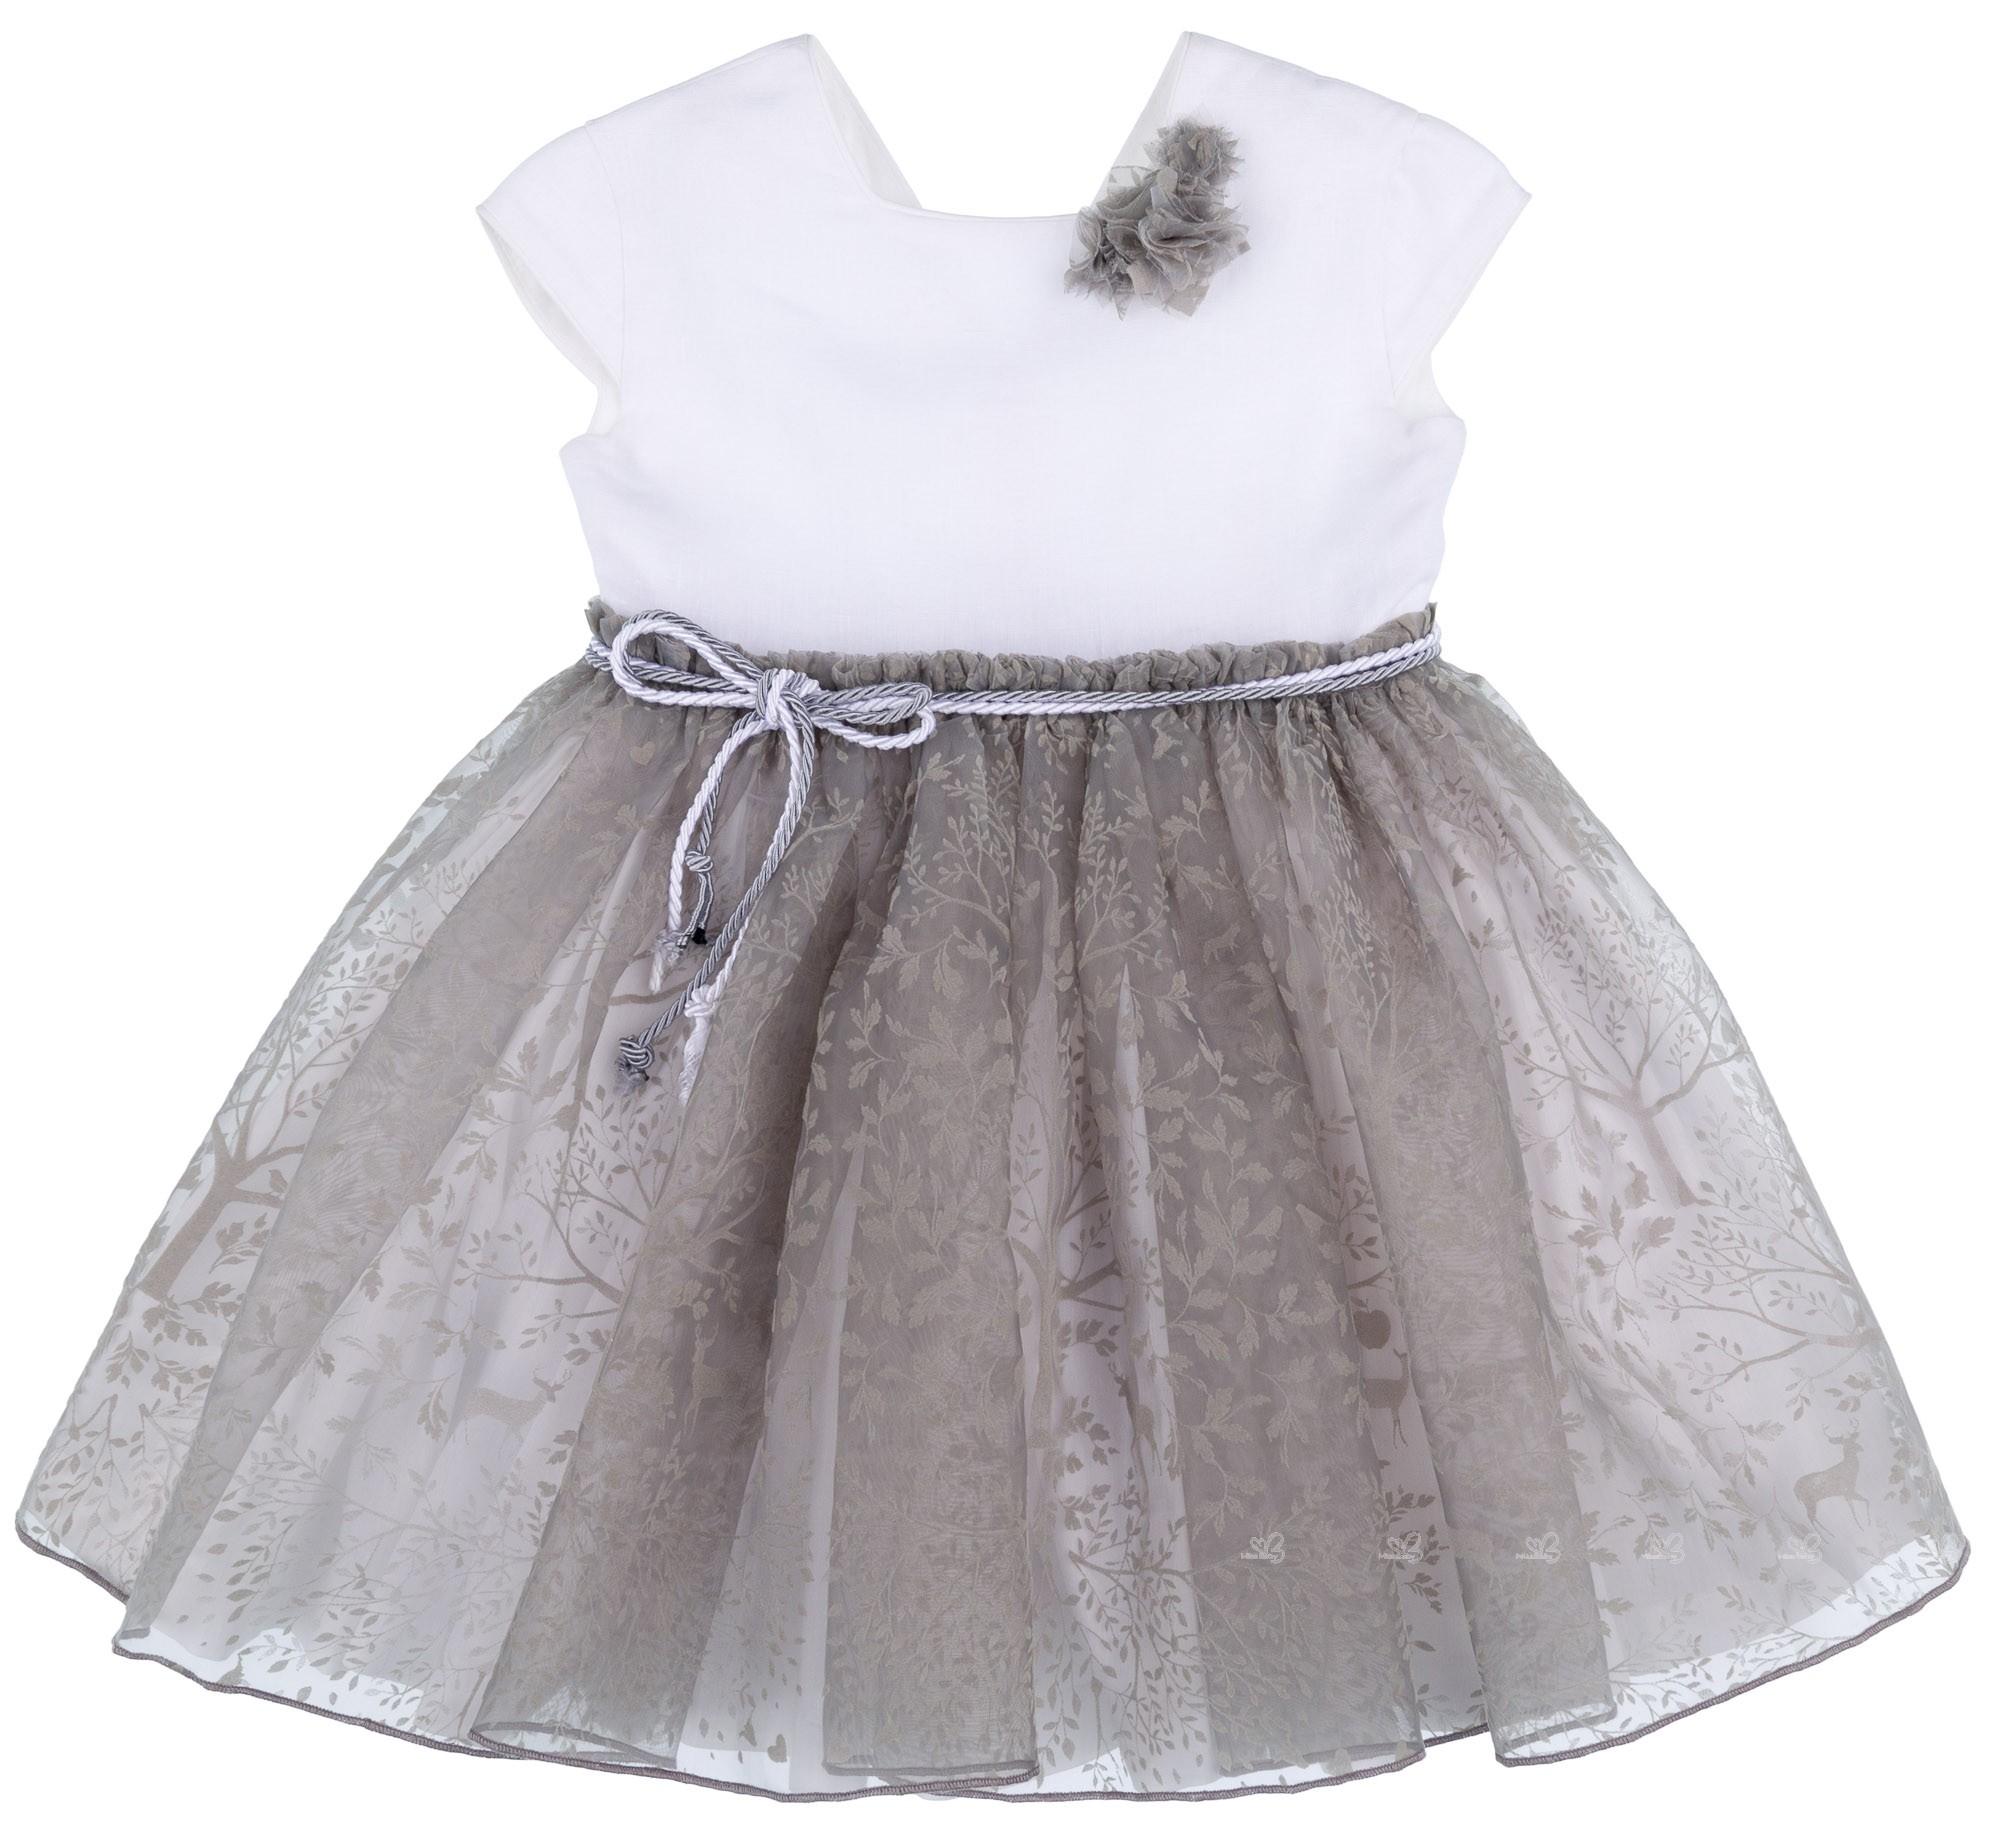 04c8c8fa42 Manuela Montero Vestido Niña Aina Combinado Lino Blanco   Tul Bordado Gris  ...